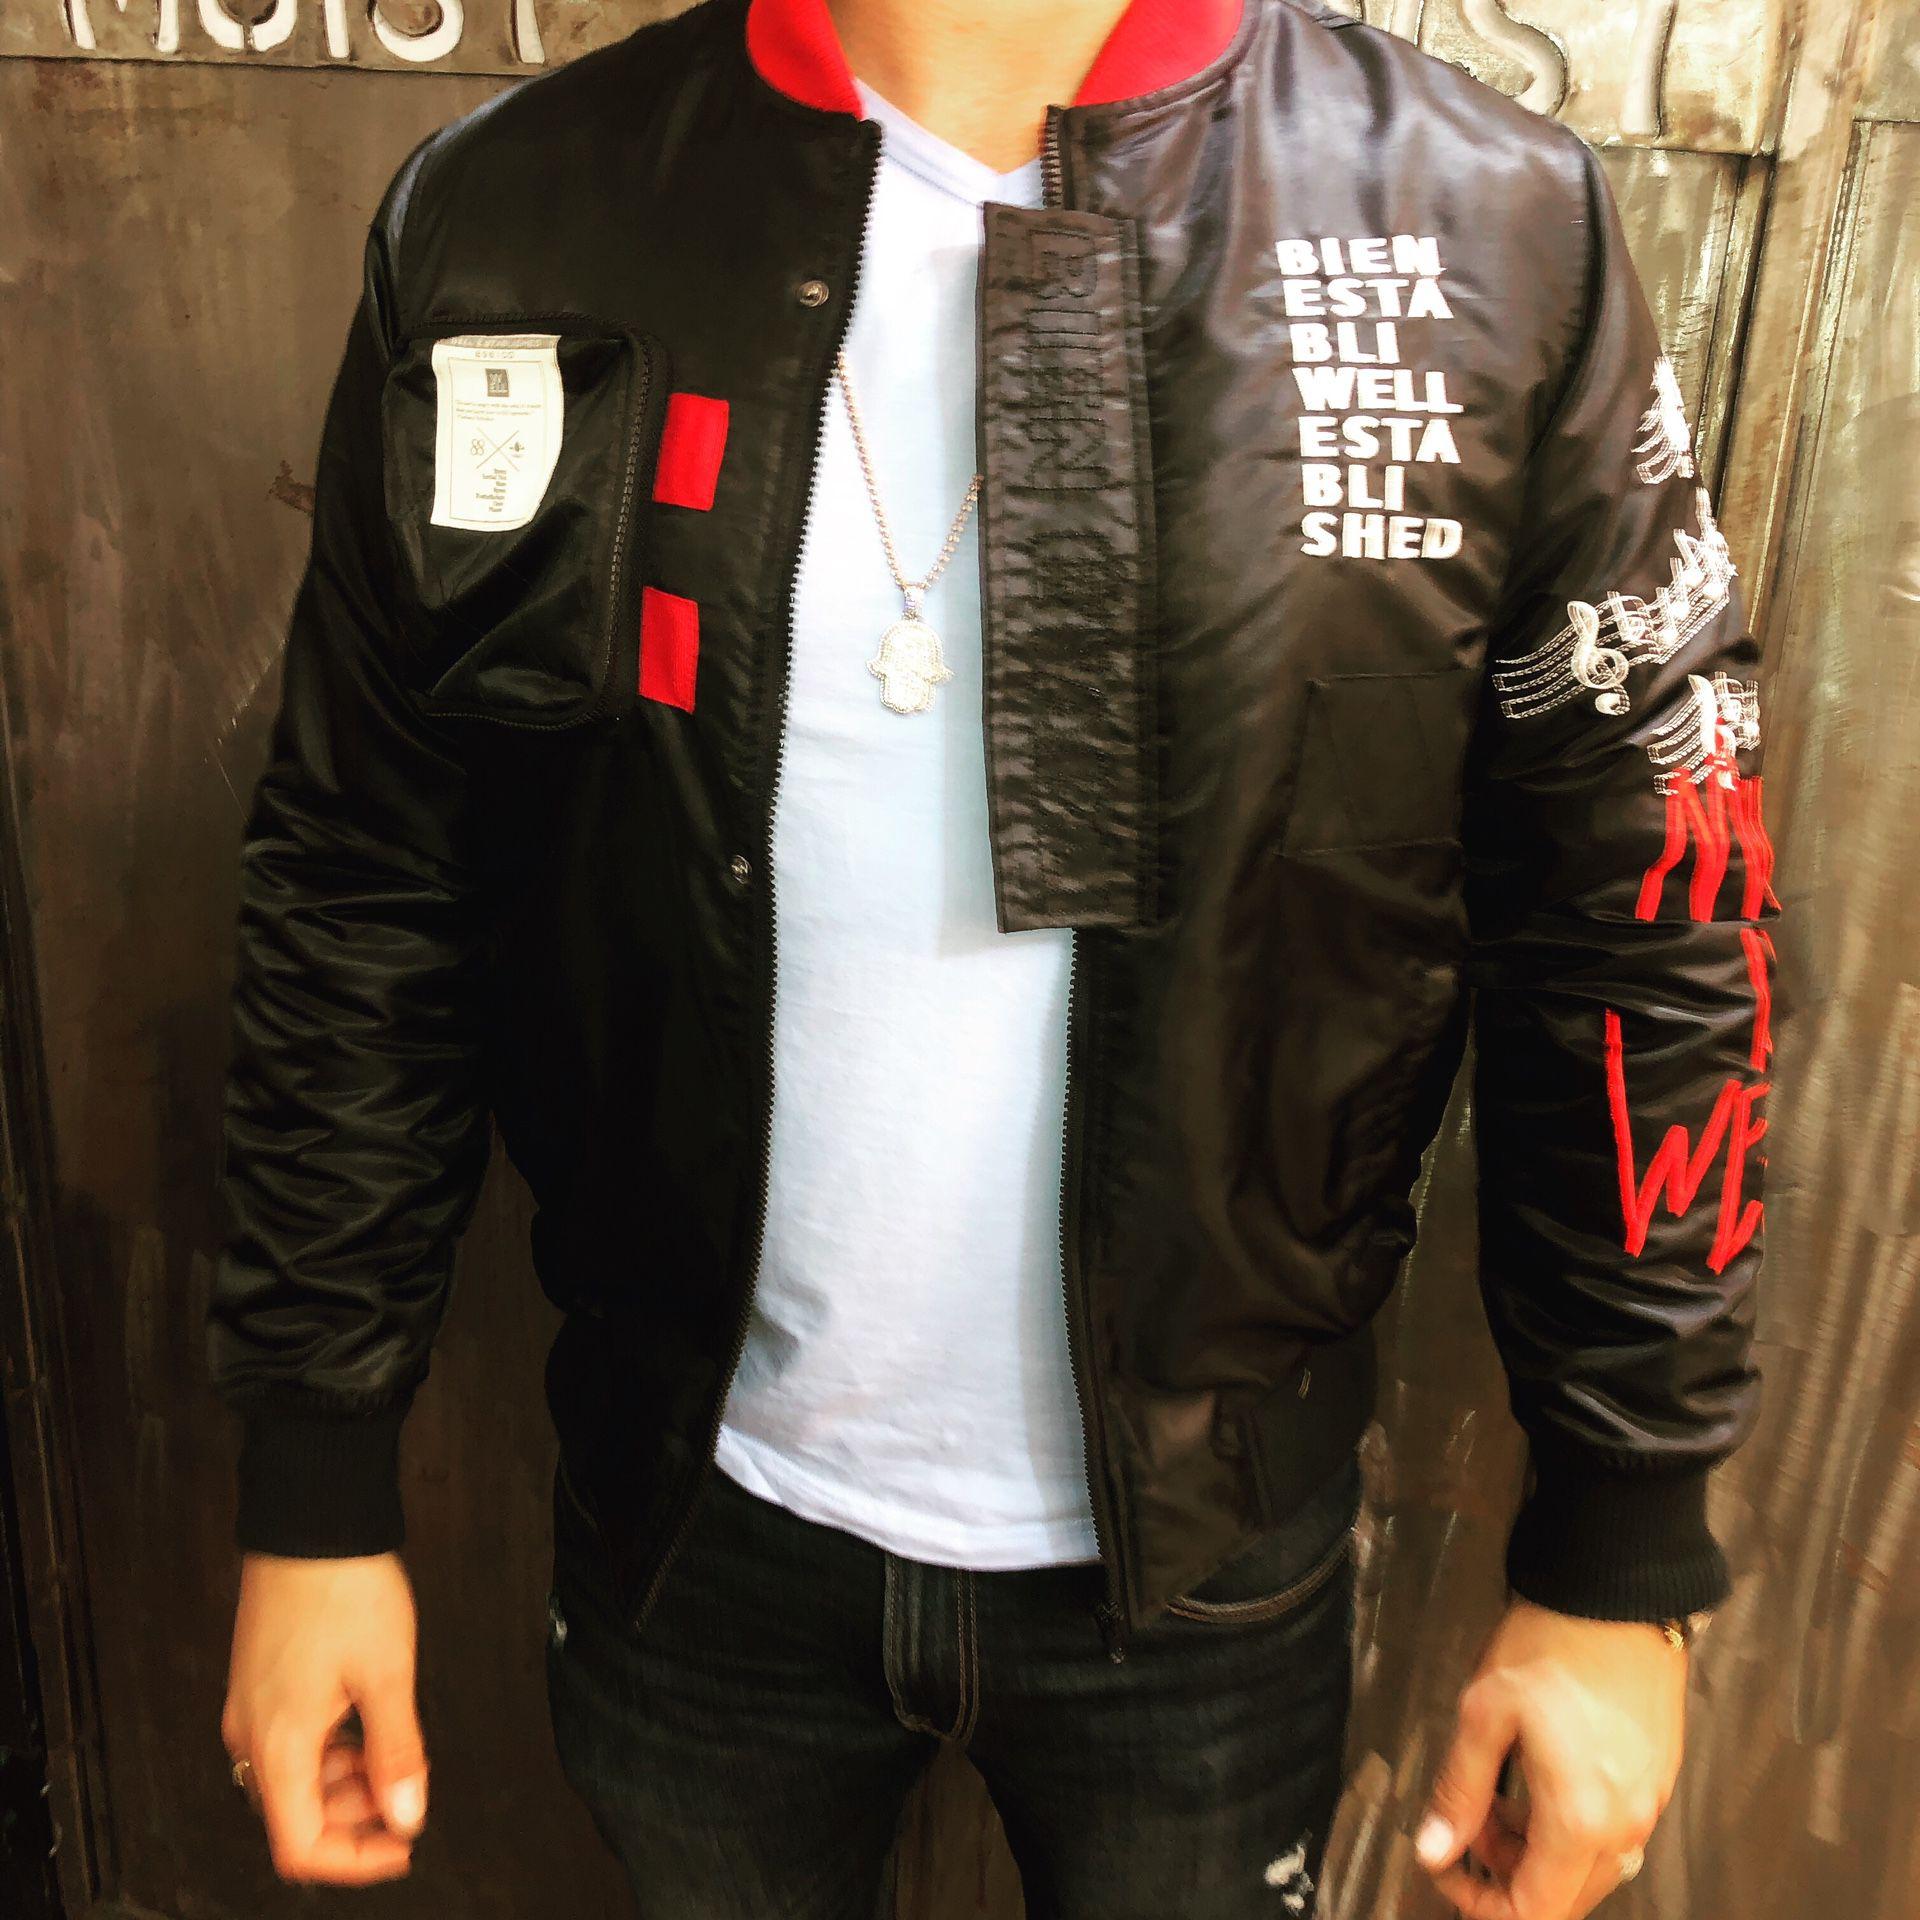 Bomber music jacket sizes small medium large Xl